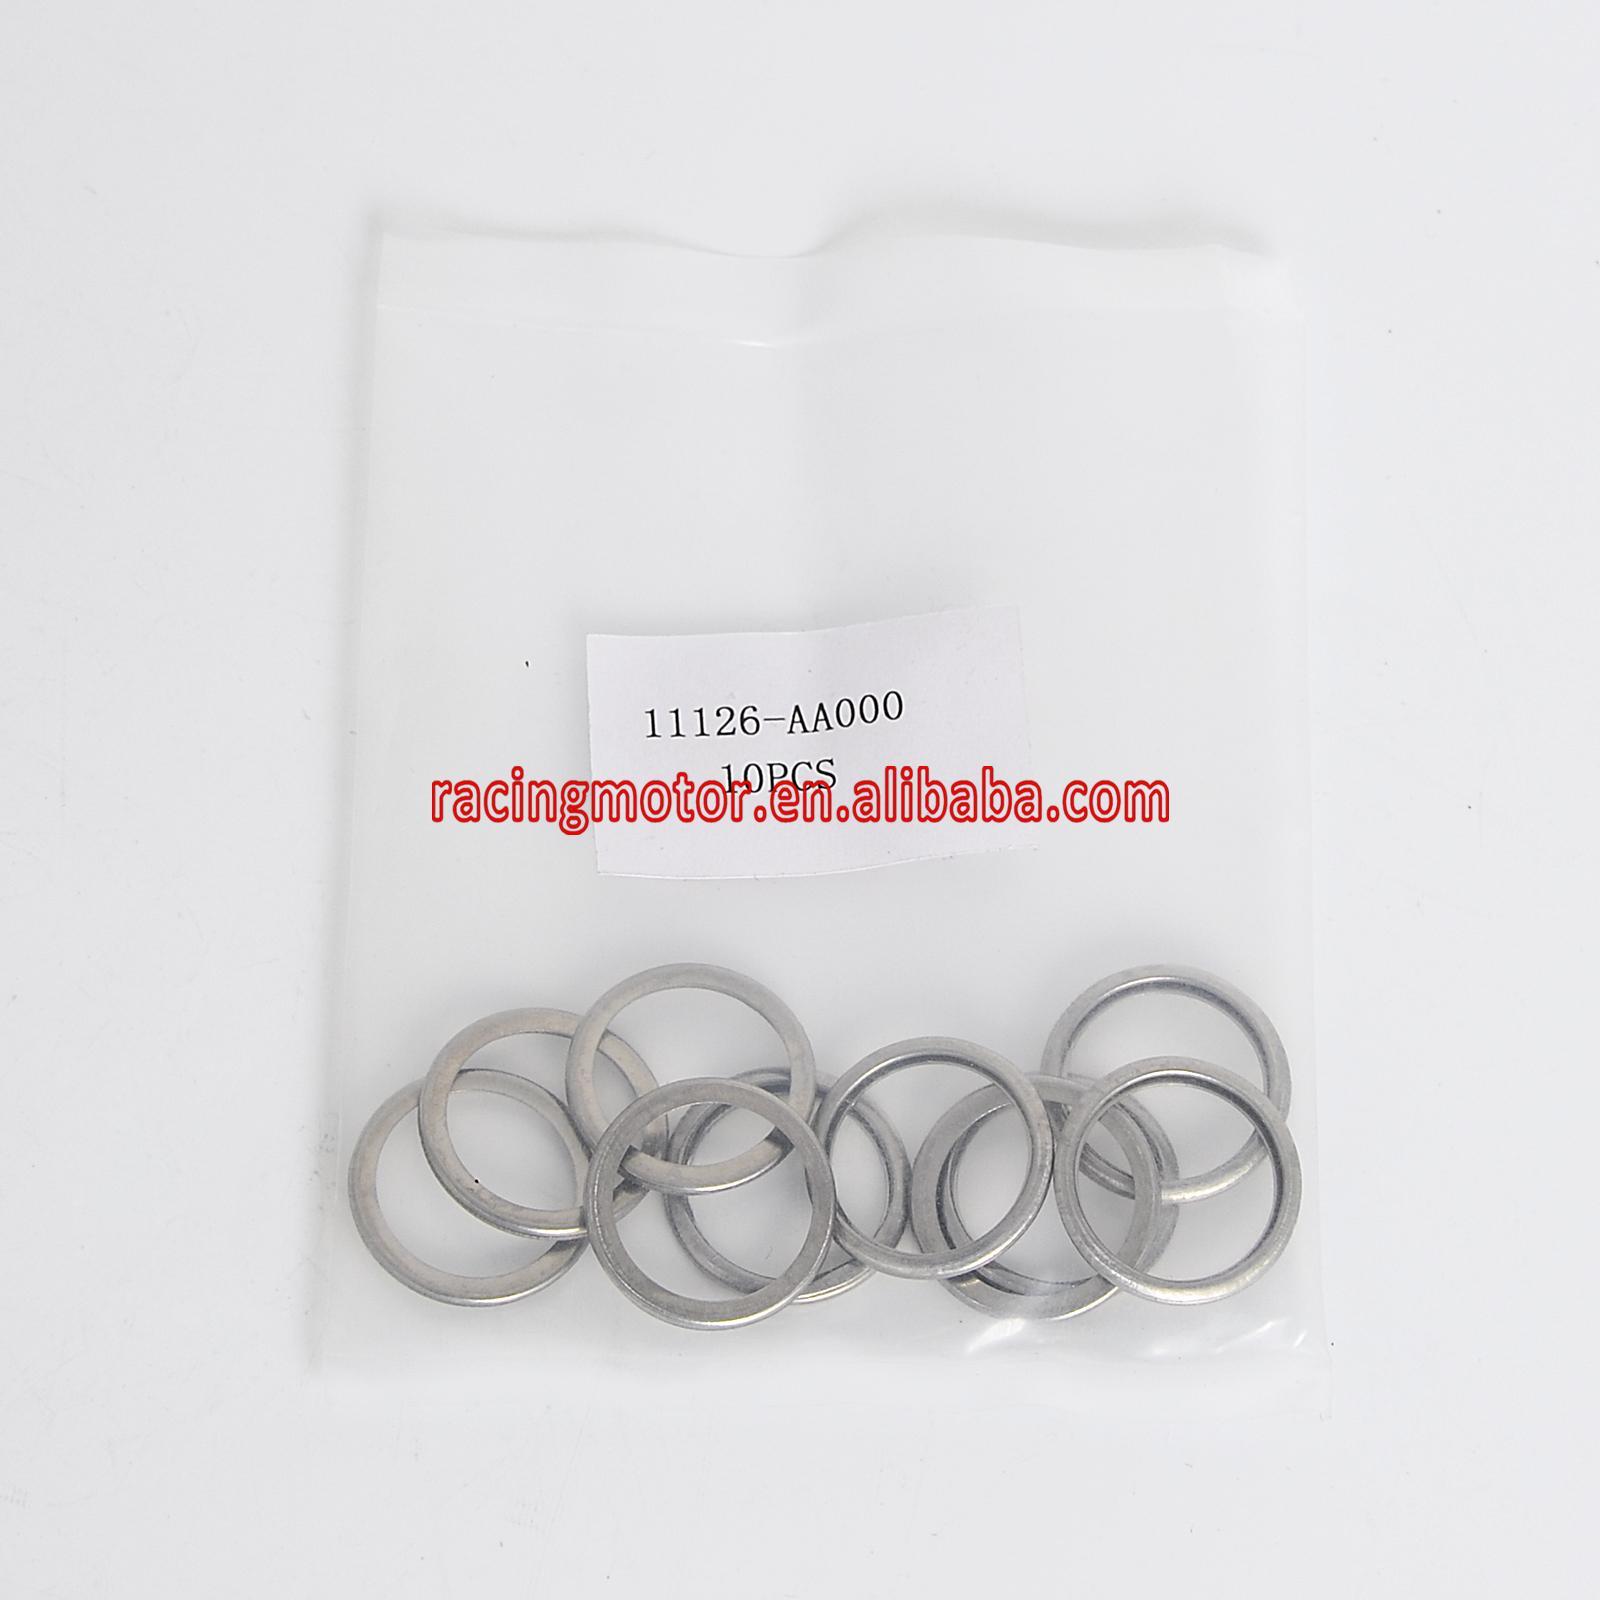 10 PC Bouchon de Vidange D'huile Rondelle de Joints 11126-AA000 pour Subaru